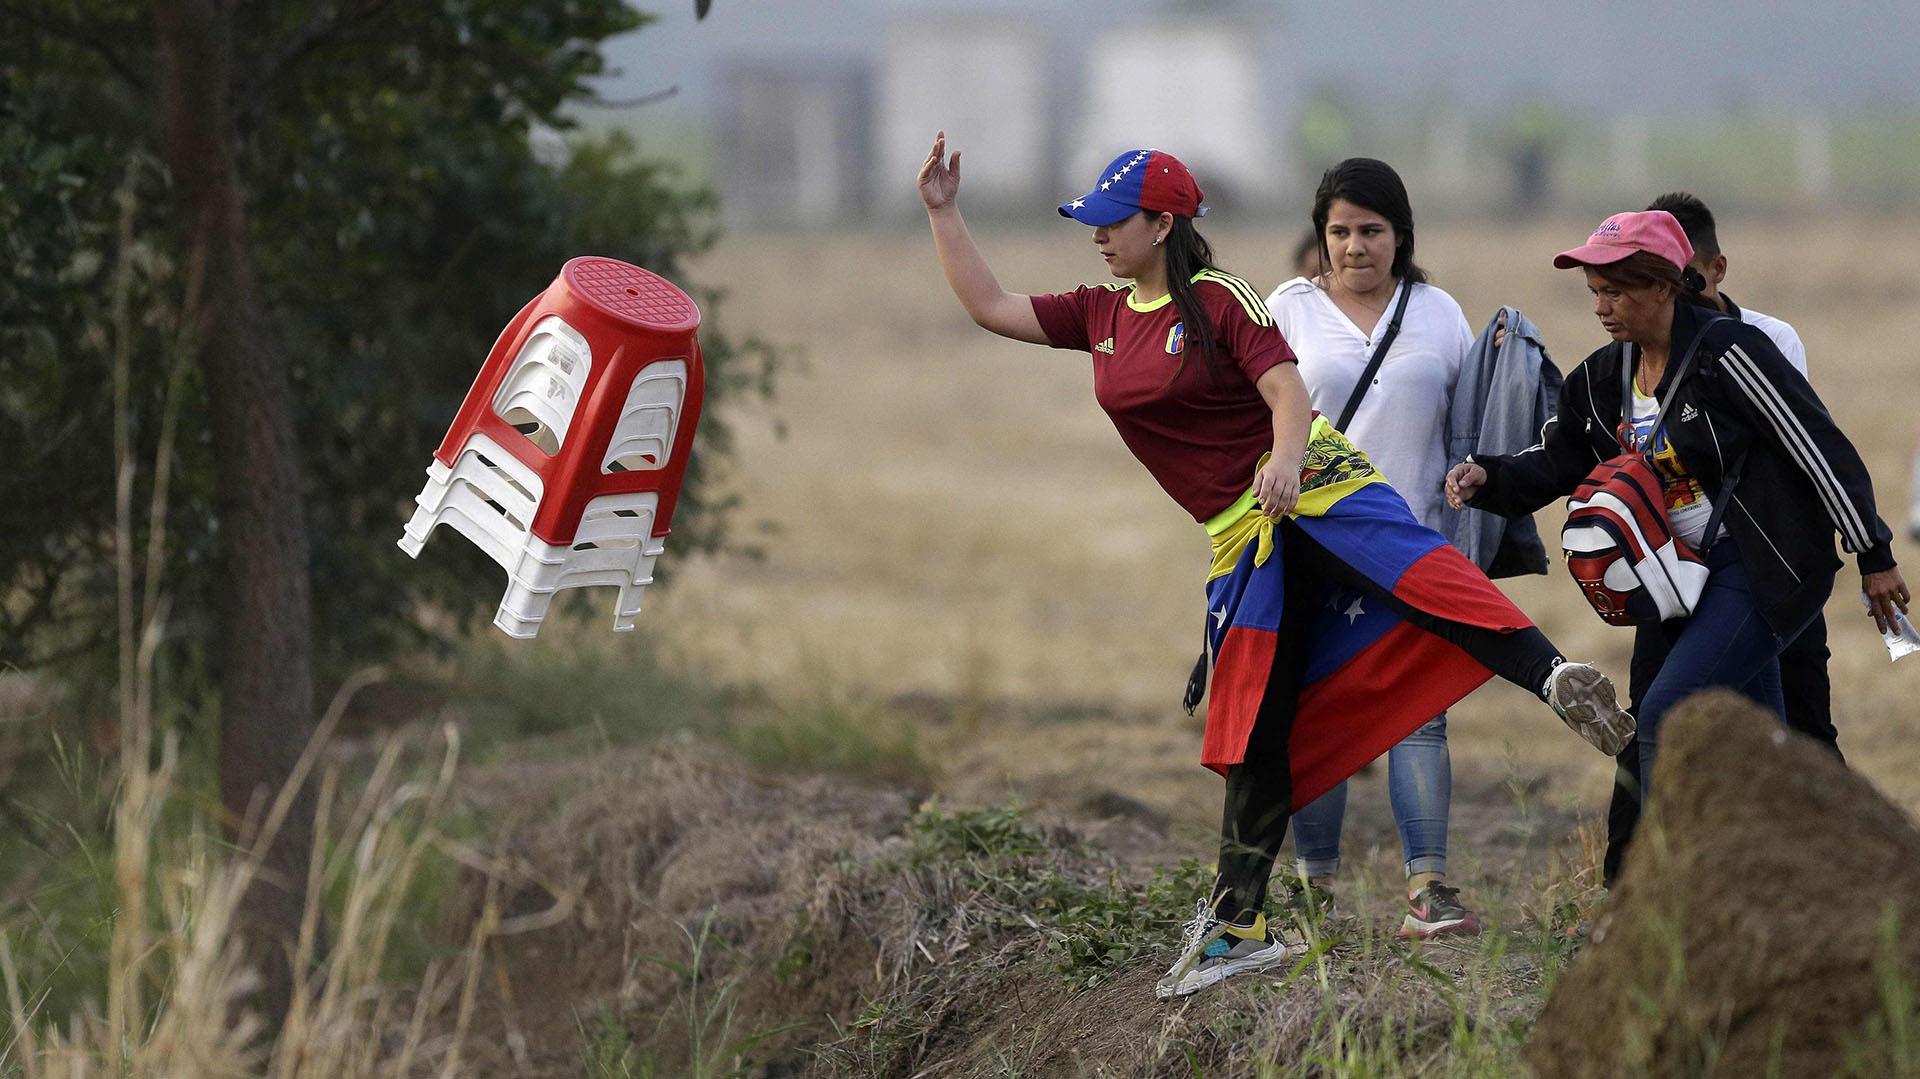 Una mujer venezolana agarra un juego de taburetes de plástico cuando llega para el concierto de Venezuela Aid Live en el lado colombiano del Puente Internacional Tienditas en las afueras de Cúcuta, Colombia, el viernes 22 de febrero de 2019, en la frontera con Venezuela. (AP)